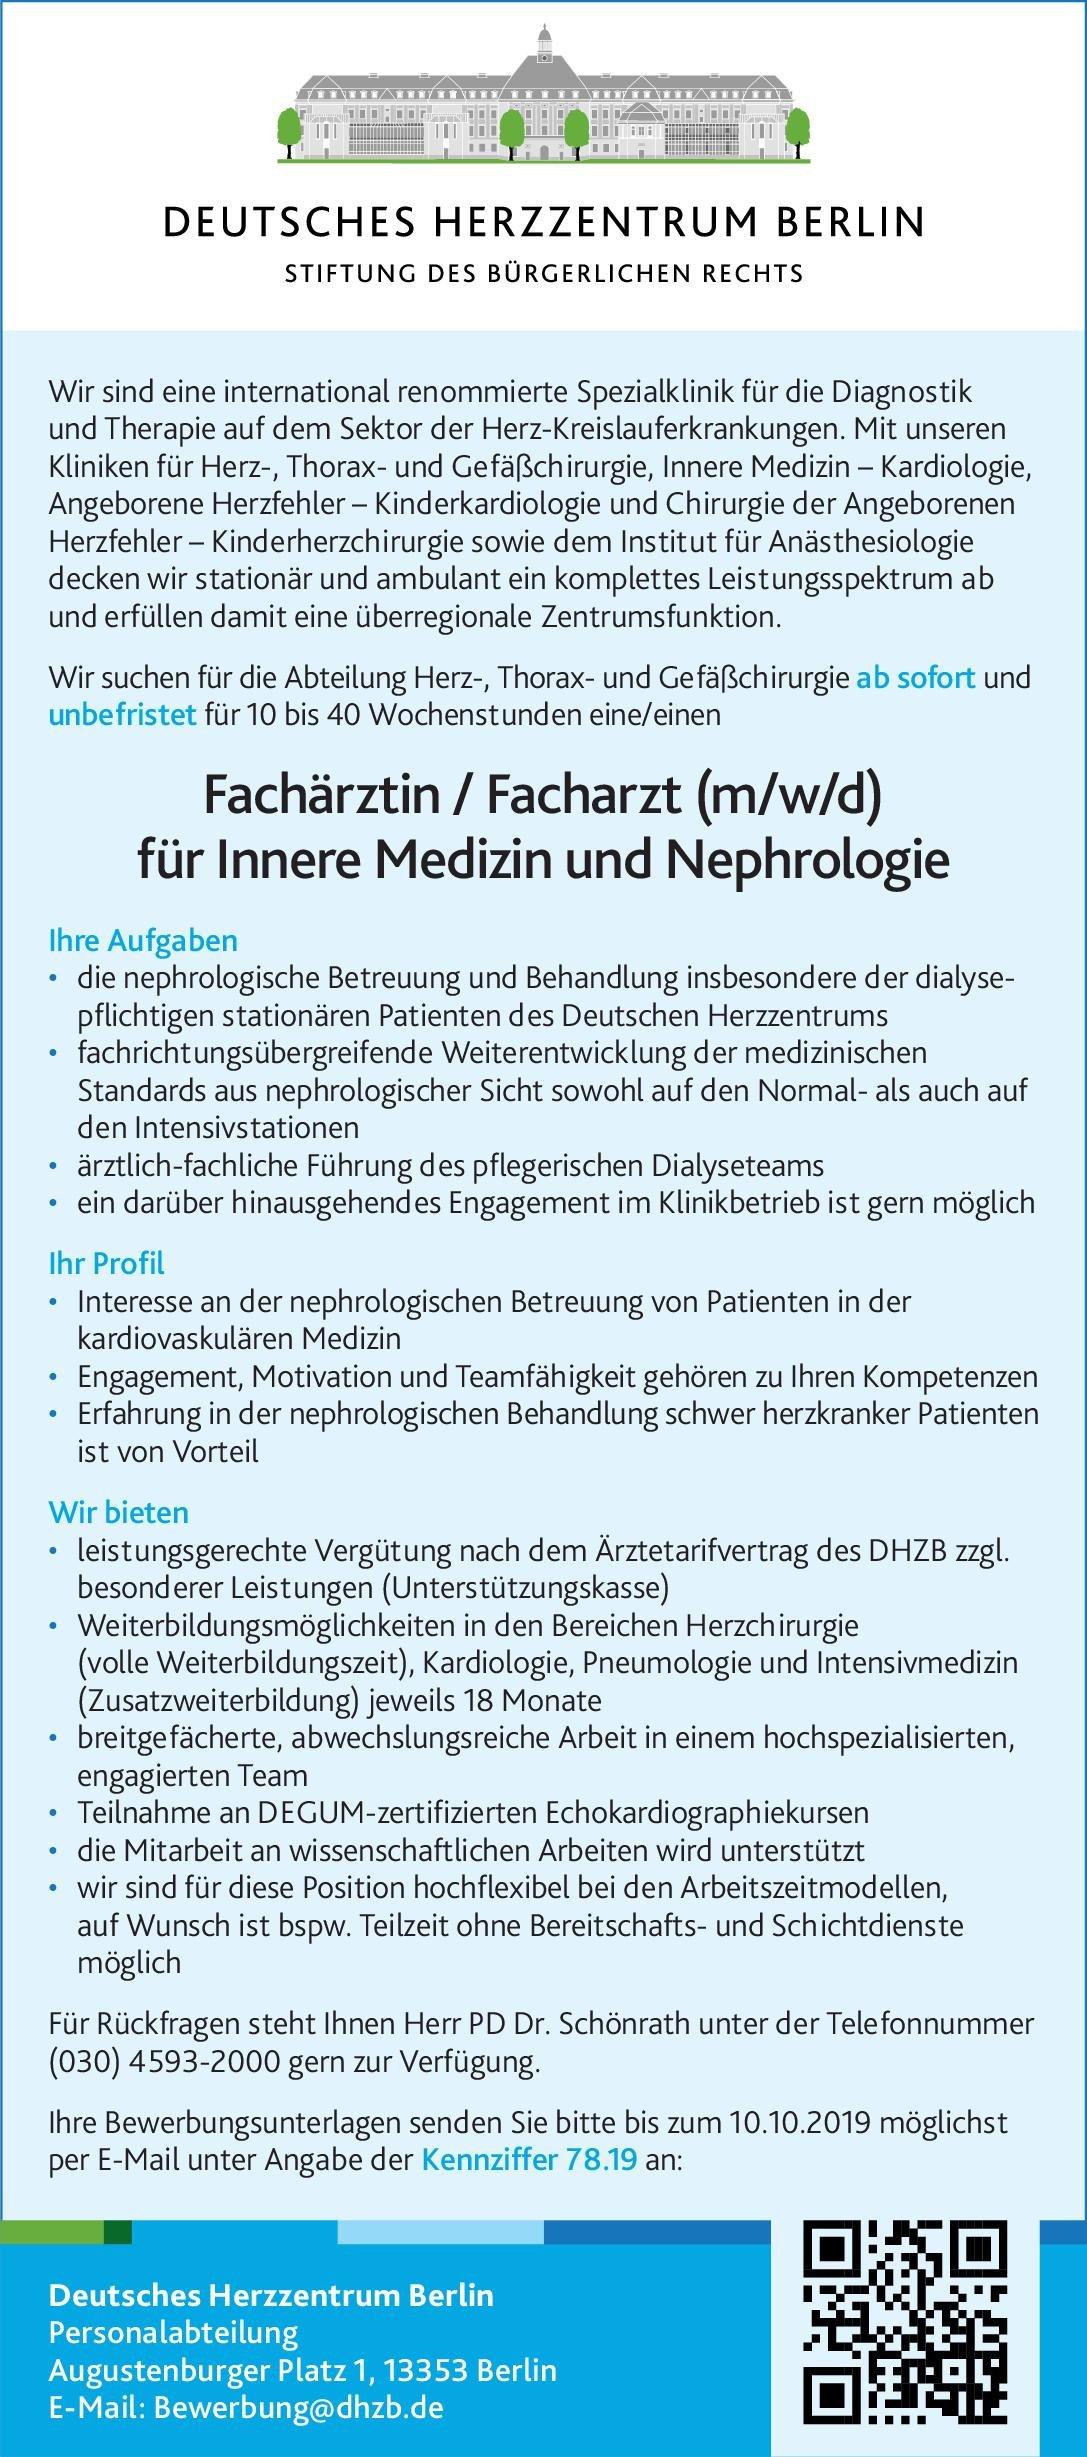 Deutsches Herzzentrum Berlin Fachärztin / Facharzt (m/w/d) für Innere Medizin und Nephrologie  Innere Medizin, Innere Medizin Arzt / Facharzt